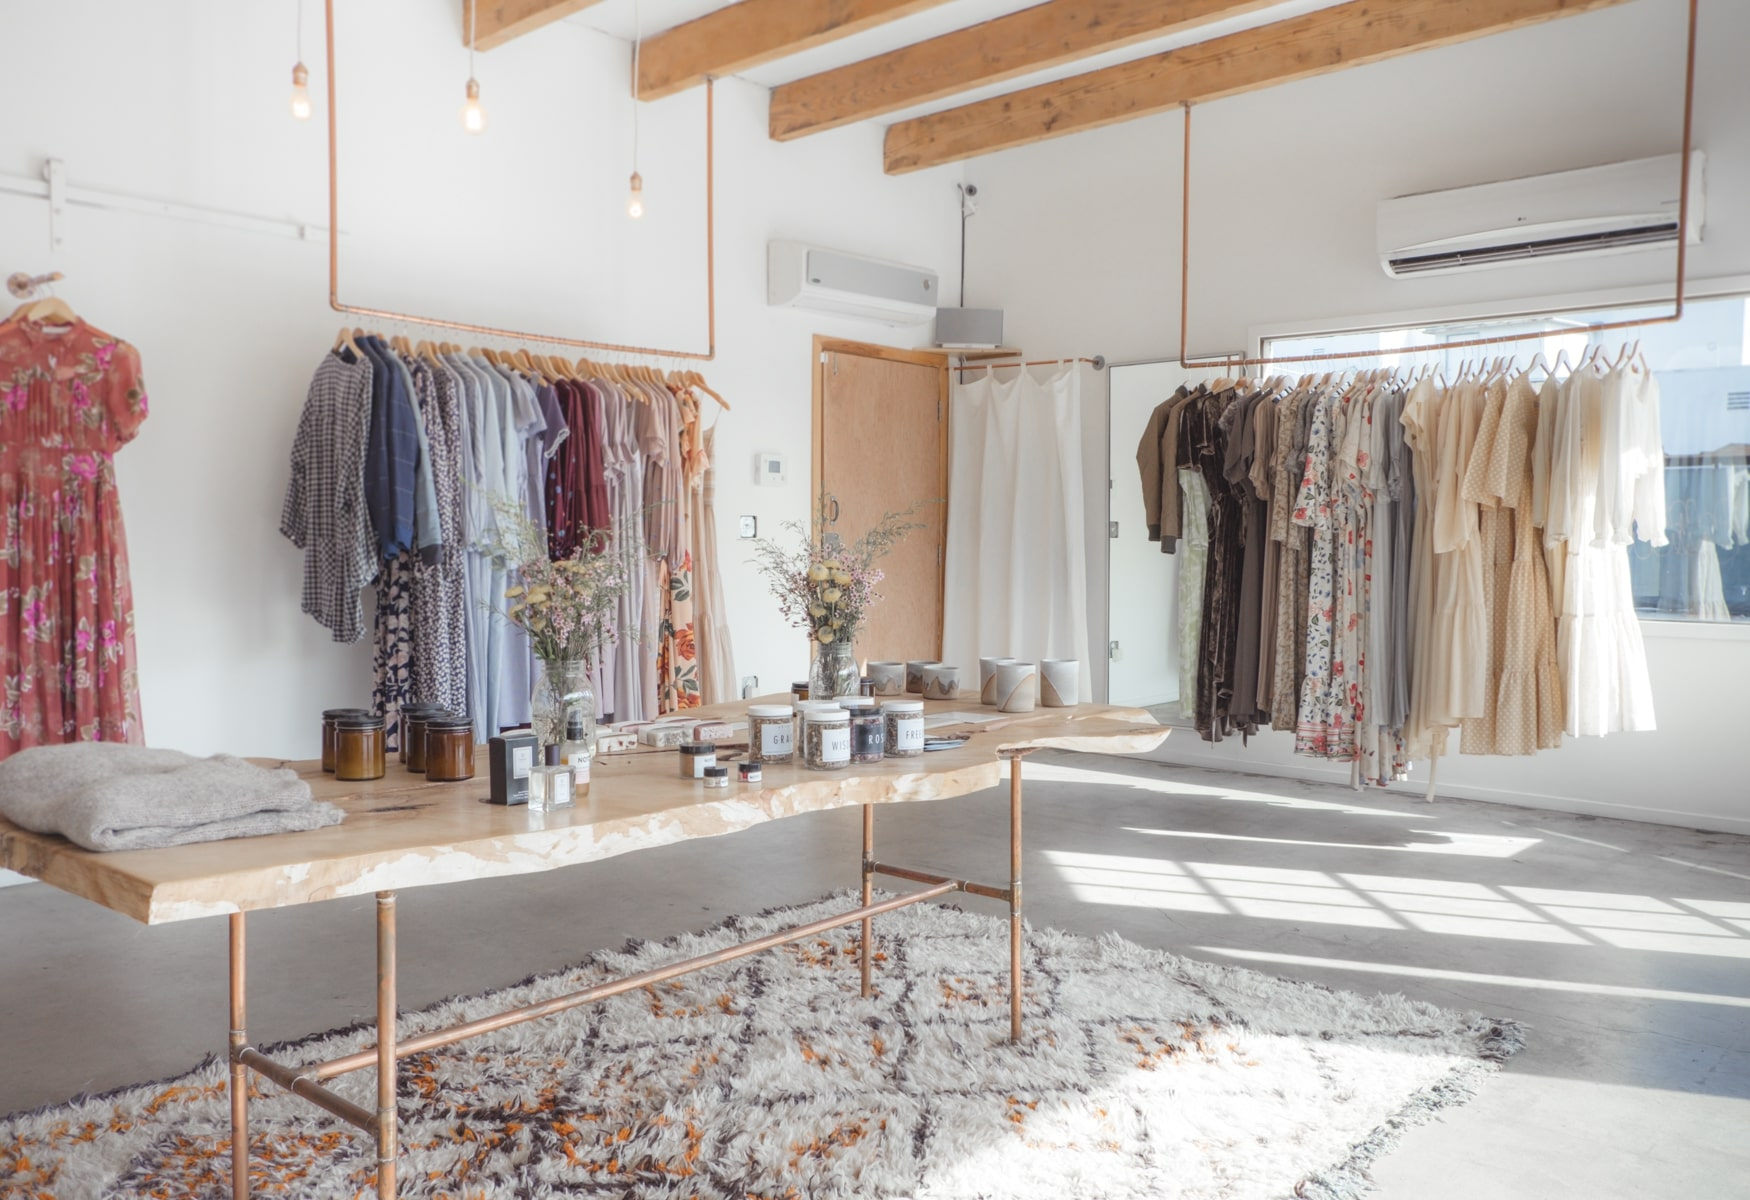 xu hướng thiết kế nội thất shop thời trang 2020